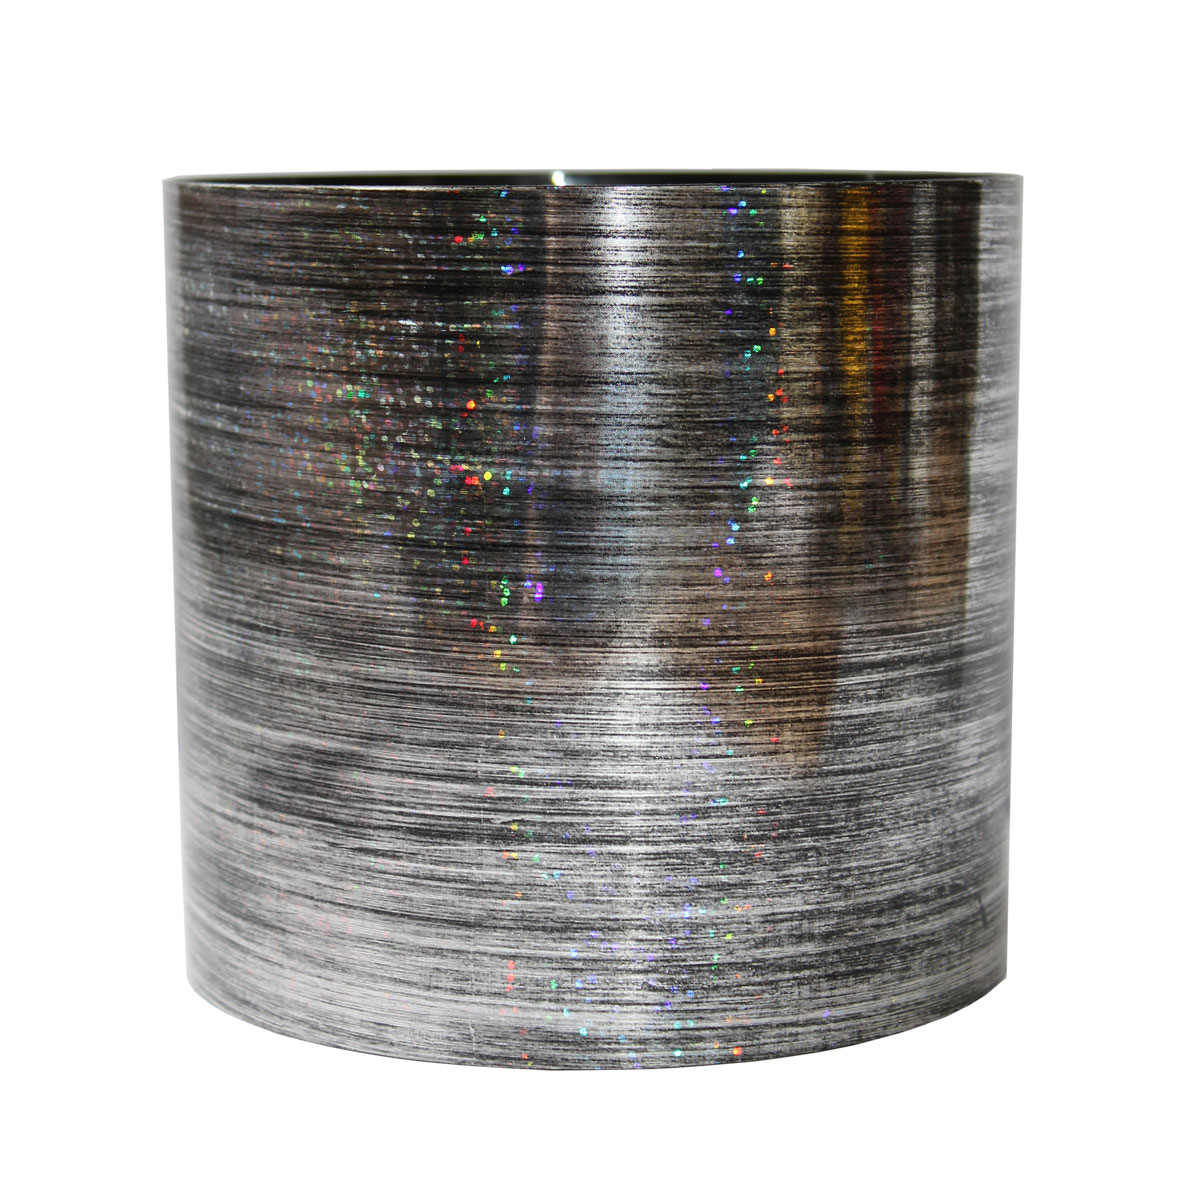 Горшок для цветов Miolla Серебро, со скрытым поддоном, 1 лSMG-43Горшок для цветов Miolla Серебро со скрытым поддоном выполнен из пластика.Диаметр горшка: 11,5 см.Высота горшка (с учетом поддона): 11,5 см.Объем горшка: 1 л.